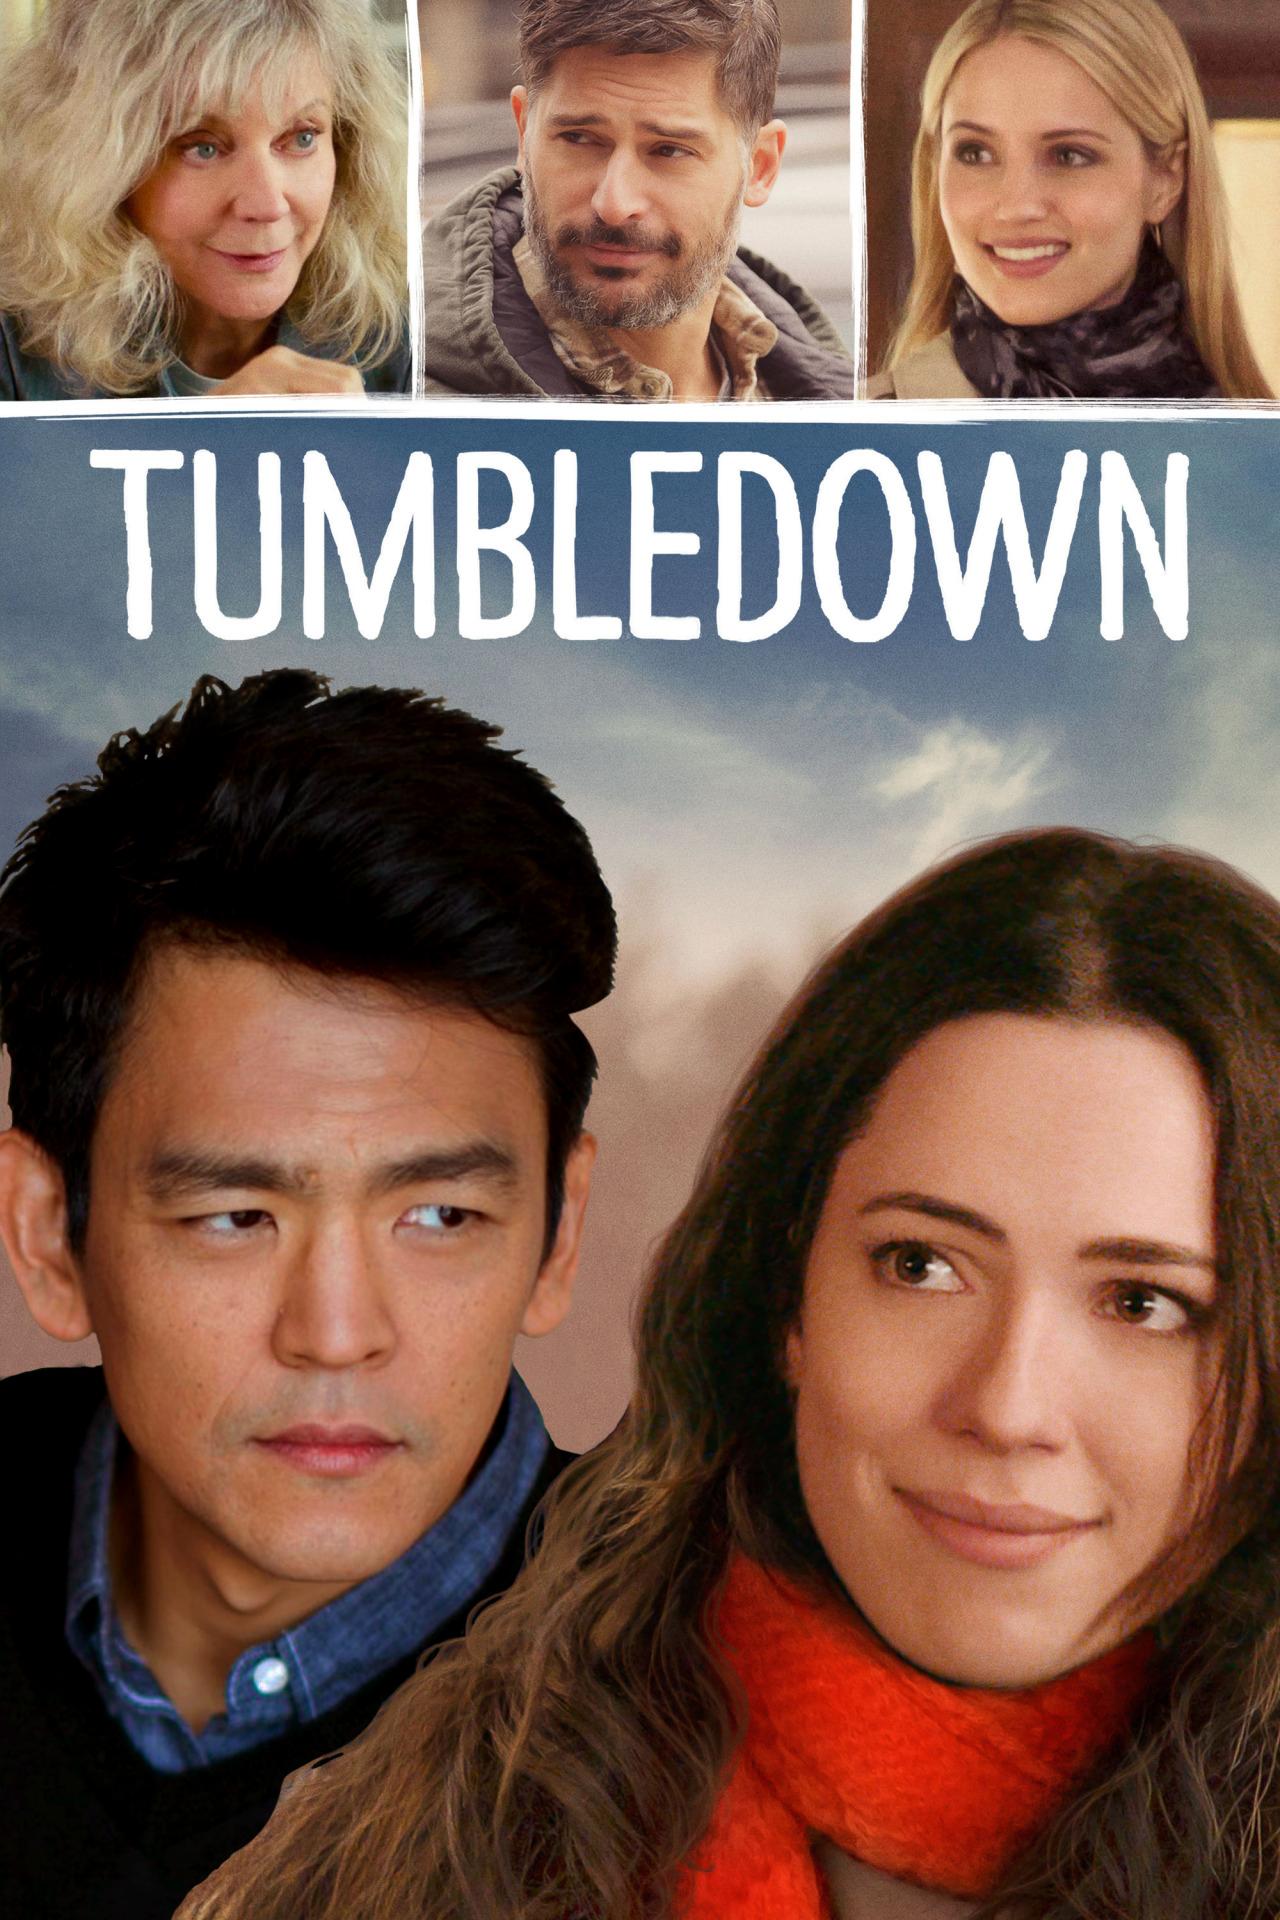 chotumbledown